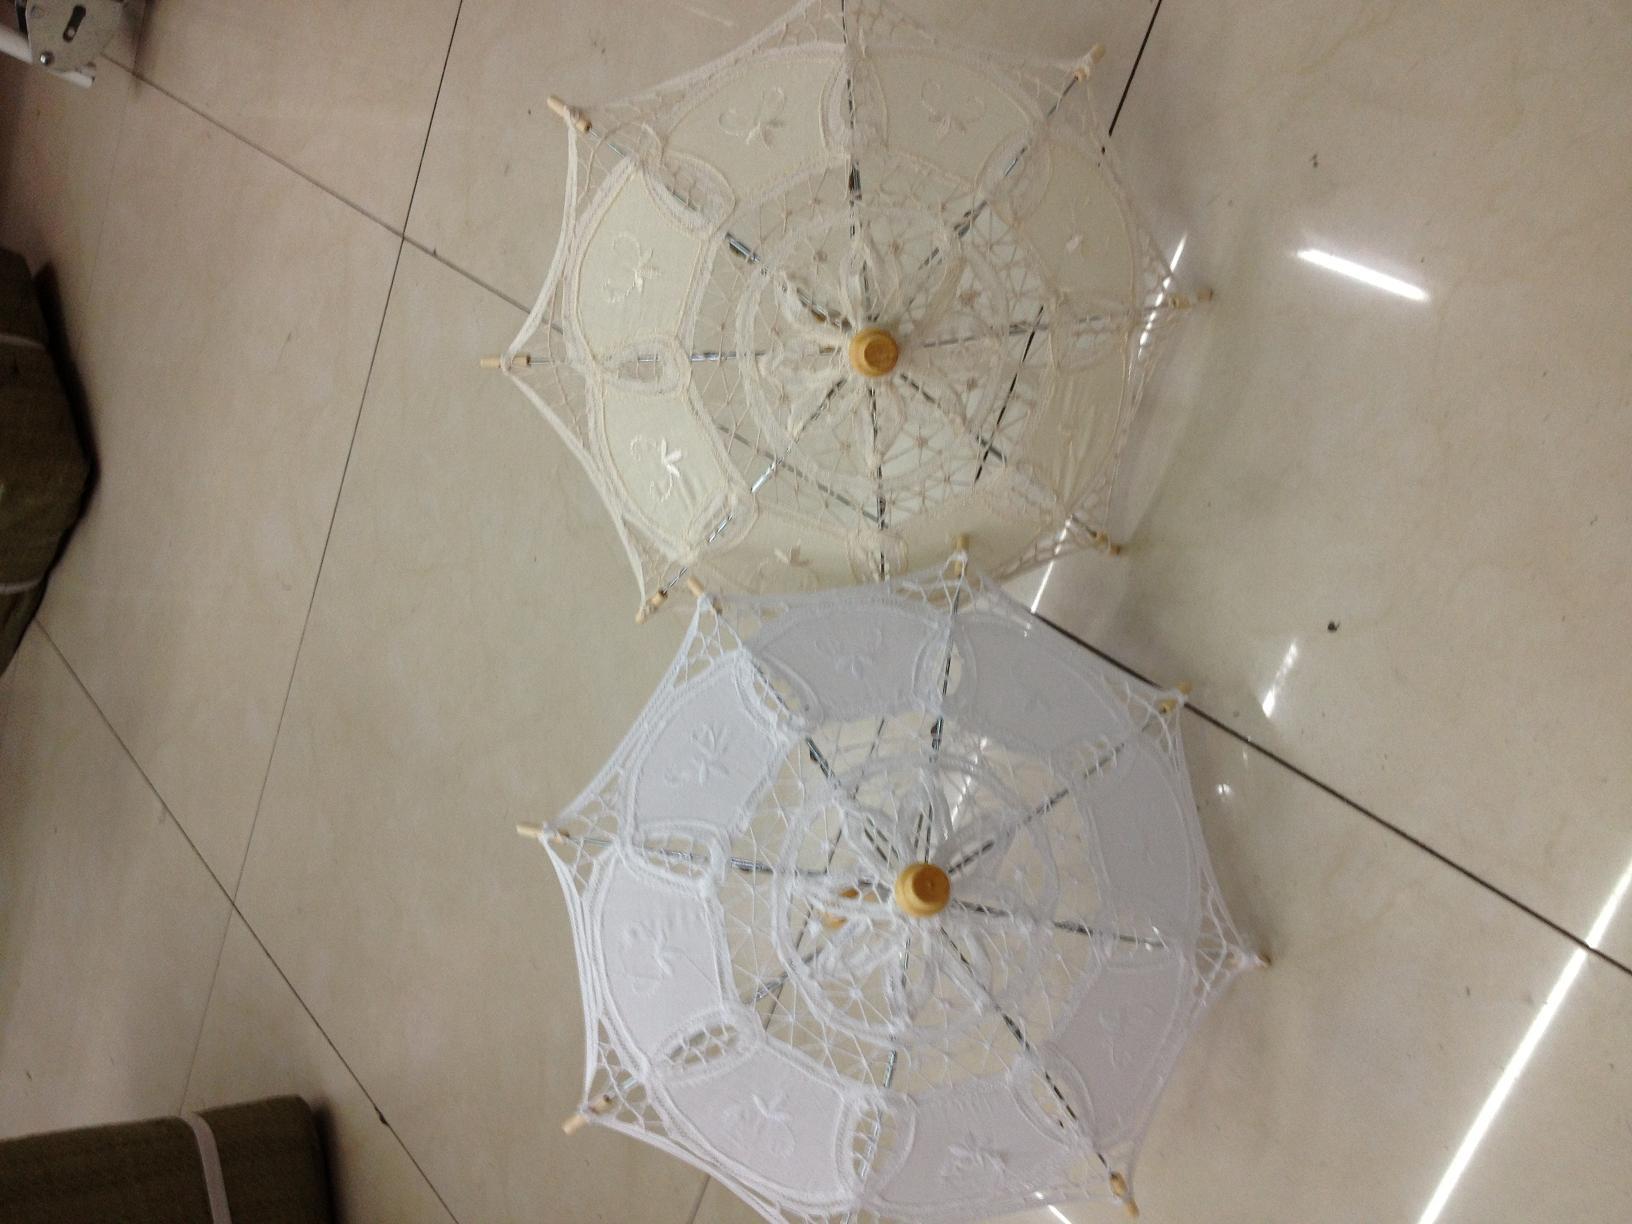 Декоративный зонт Имитация антиквариата Танцы, Реквизит для фотографии